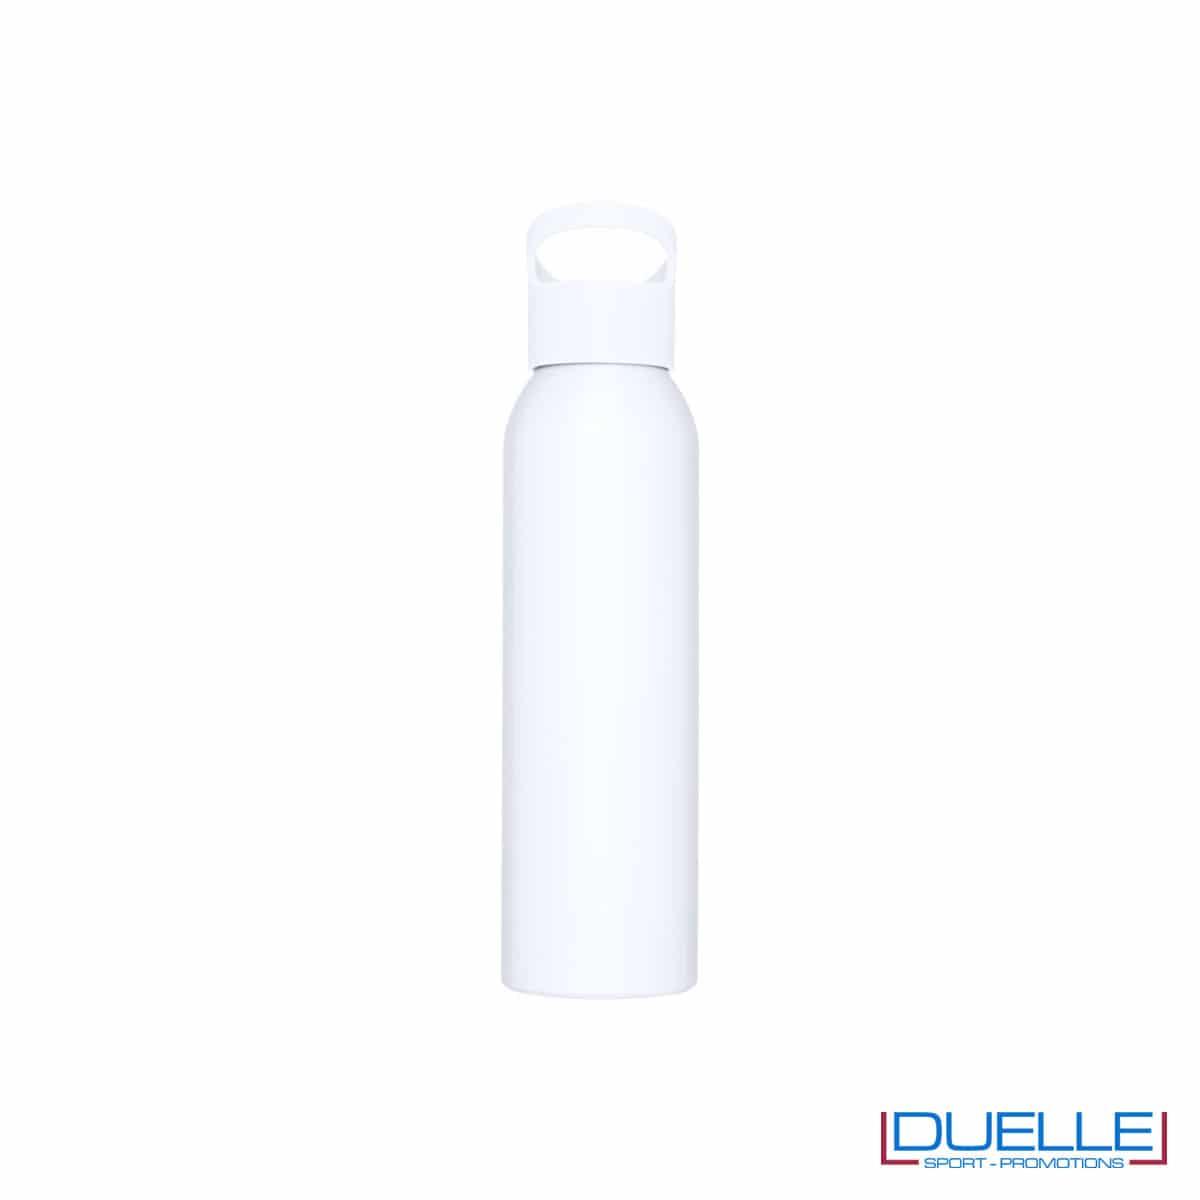 Borraccia alluminio colore bianco con tappo in plastica